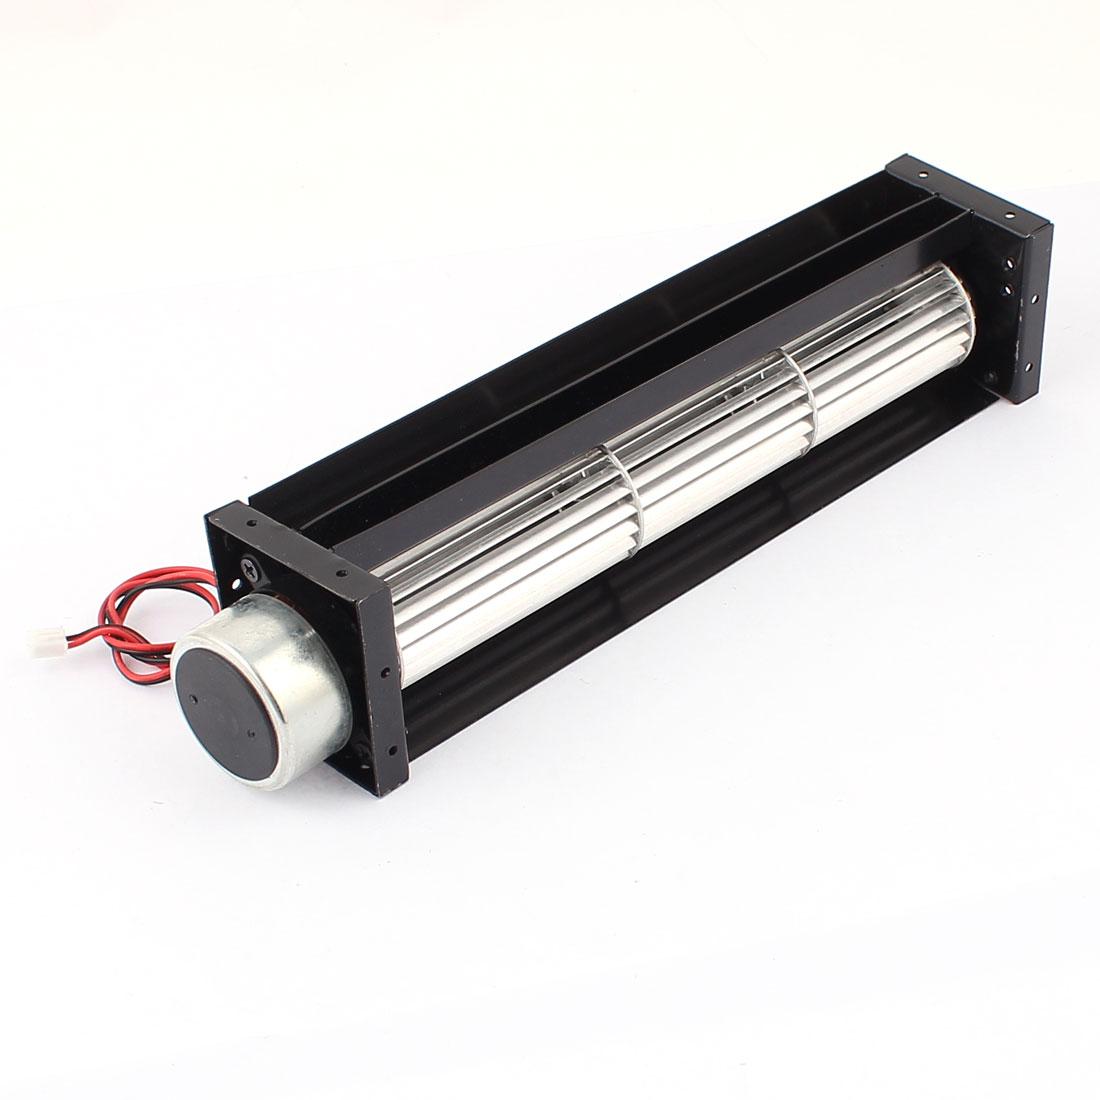 DC 24V 0.18A Cross Flow Cooling Fan Heat Exchanger Amplifier Cool Turbo